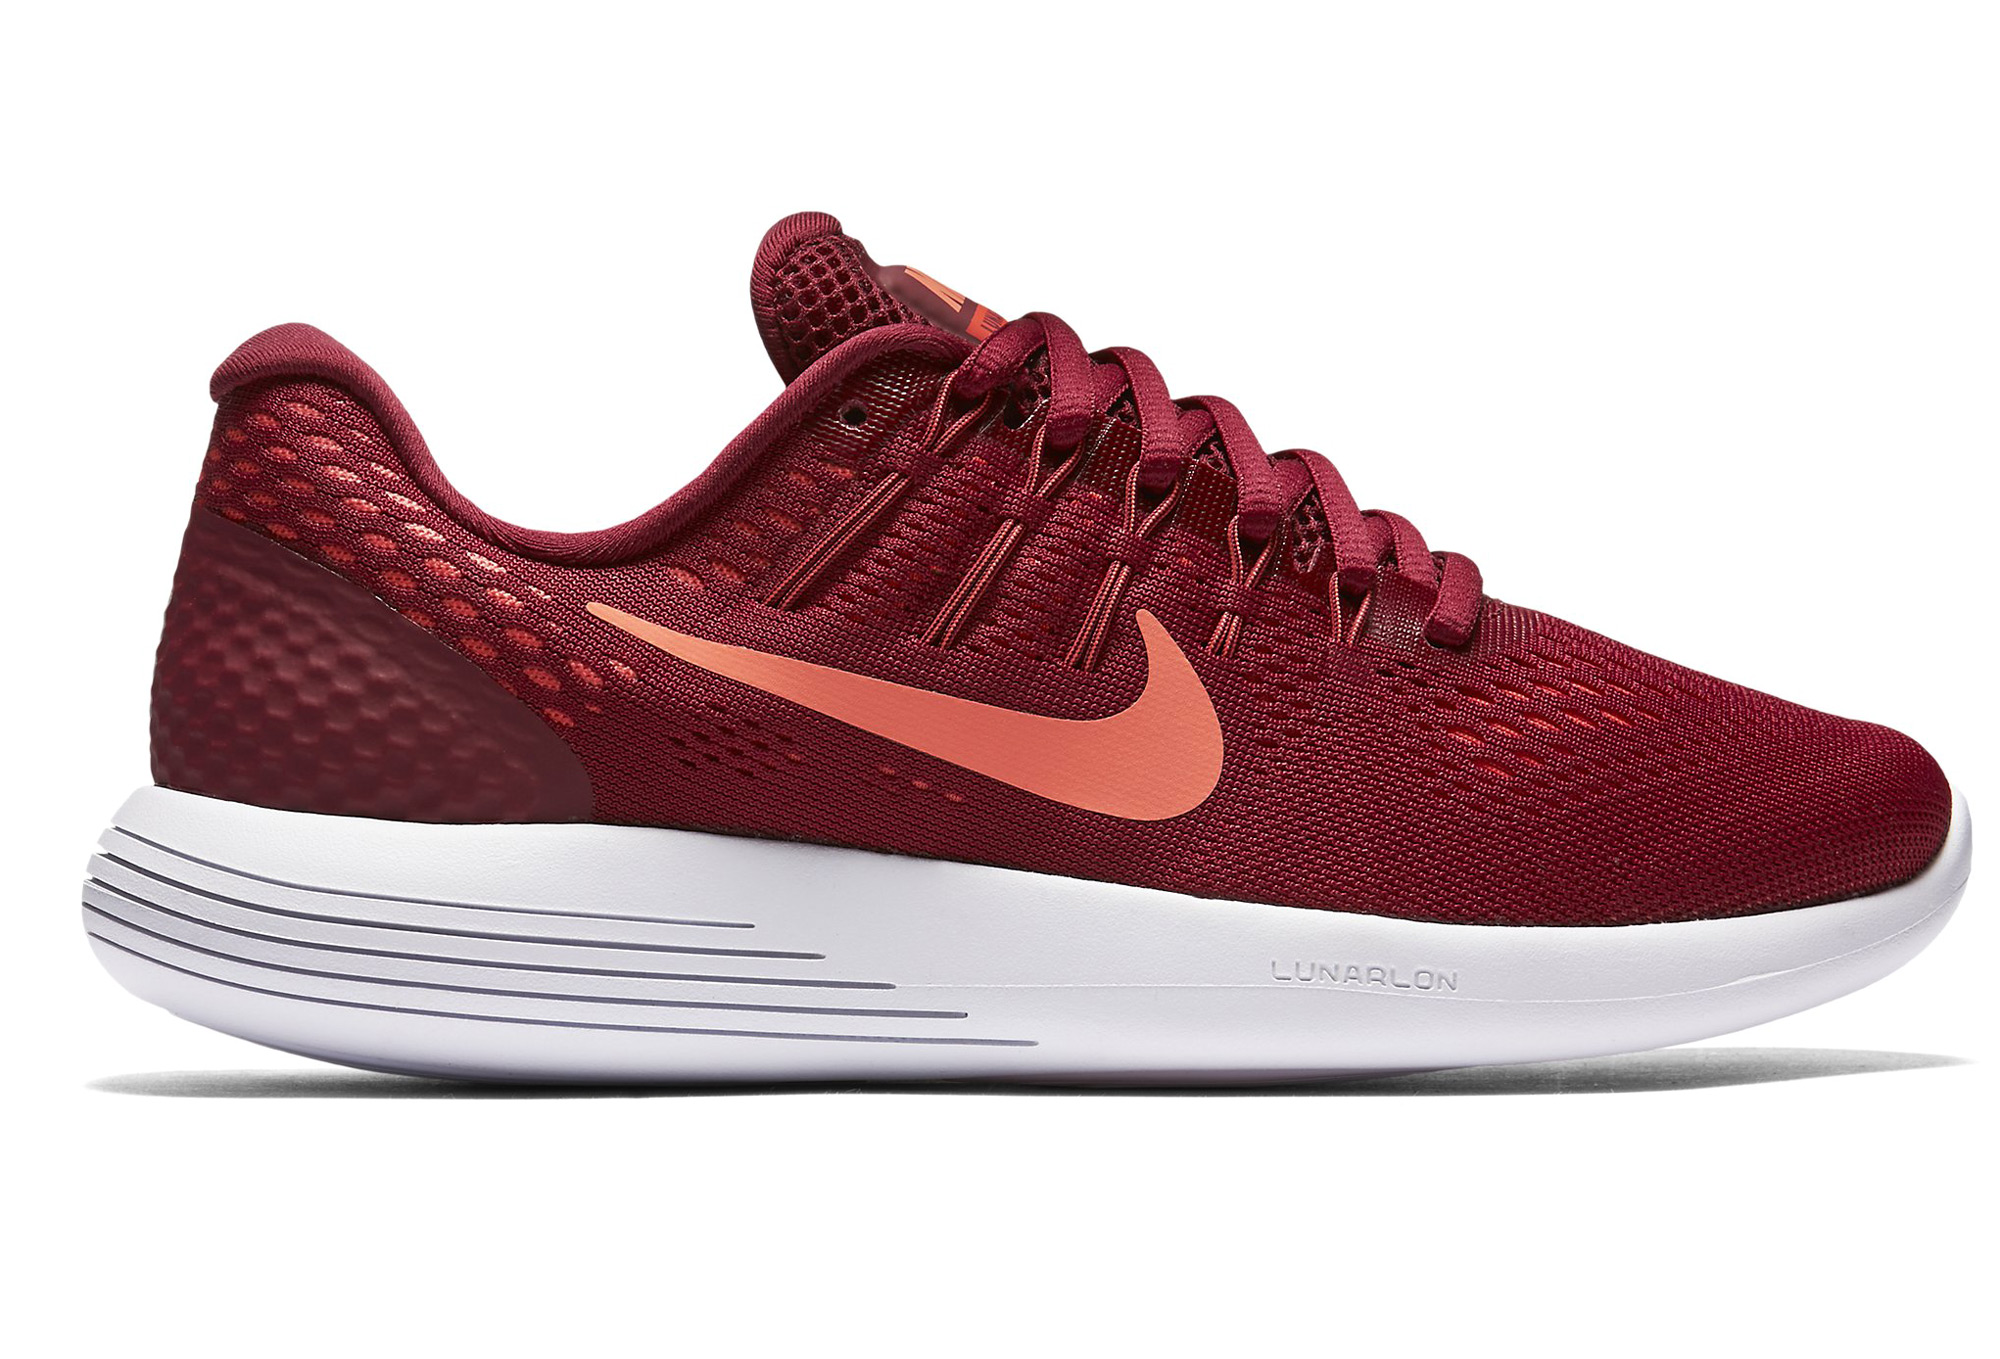 Femme Nike 8 De Rouge Running Lunarglide Chaussures 29IeDWEHY